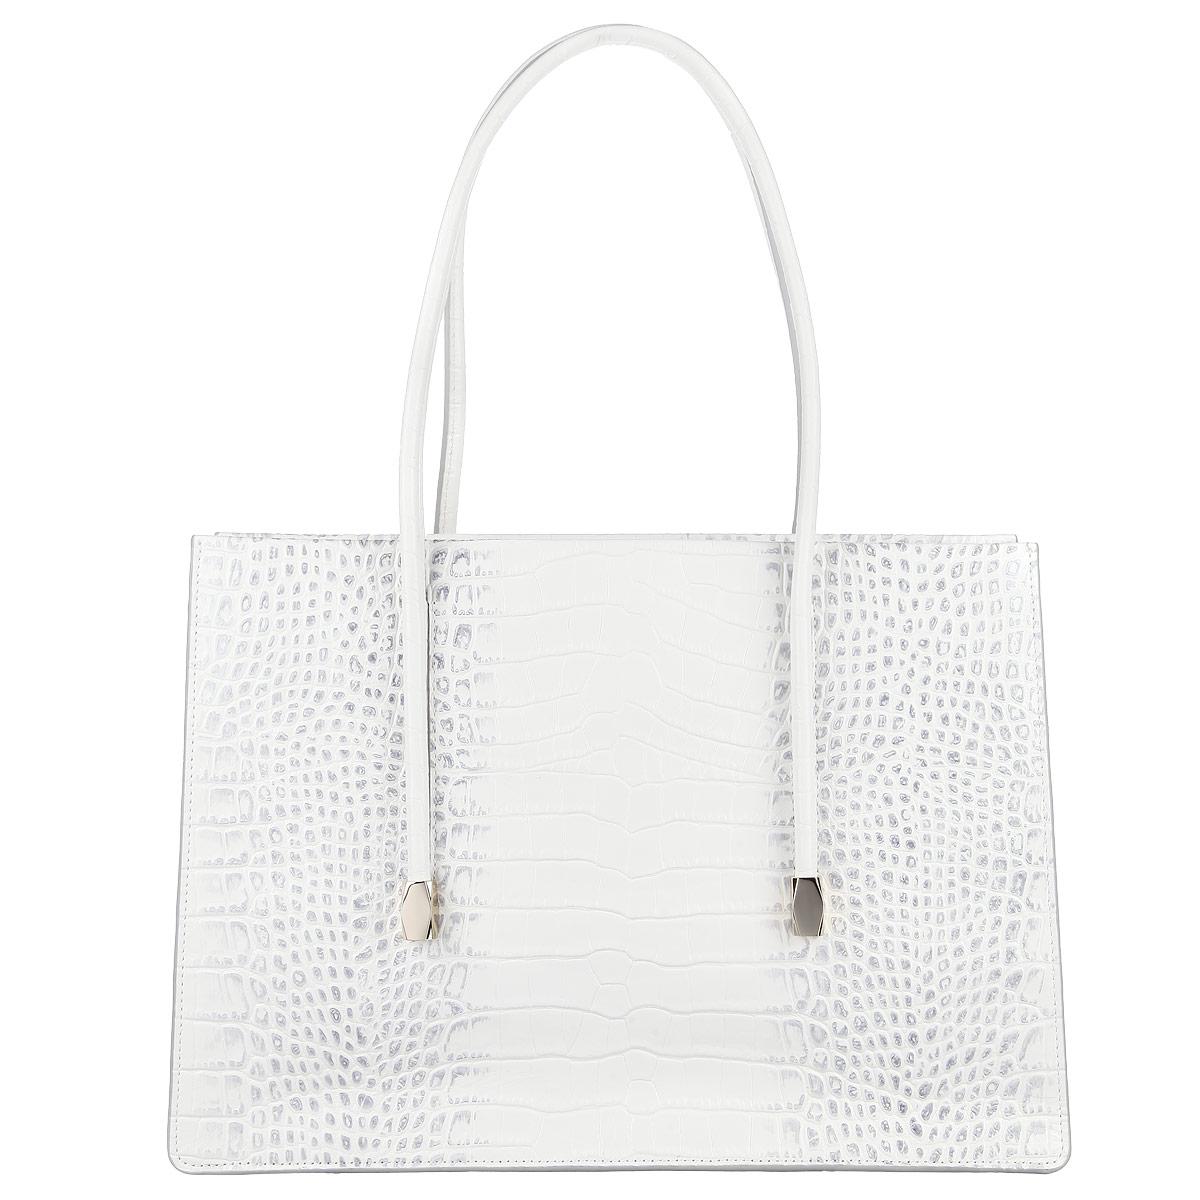 Сумка женская Eleganzza, цвет: белый. ZL-37062AZL-37062AИзысканная женская сумка Eleganzza выполнена из натуральной кожи с декоративным тиснением. Сумка состоит из двух отделений и закрывается молнию. Внутри сумка разделена карманом-средником. В первом отделении есть два накладных кармашка для мелочей и телефона, во втором - врезной карман на застежке-молнии. Ручка сумки крепится на металлическую фурнитуру золотого цвета. В комплекте чехол для хранения. Блестящий дизайн сумки, сочетающий классические формы с оригинальным оформлением, позволит вам подчеркнуть свою индивидуальность и сделает ваш образ изысканным и завершенным.